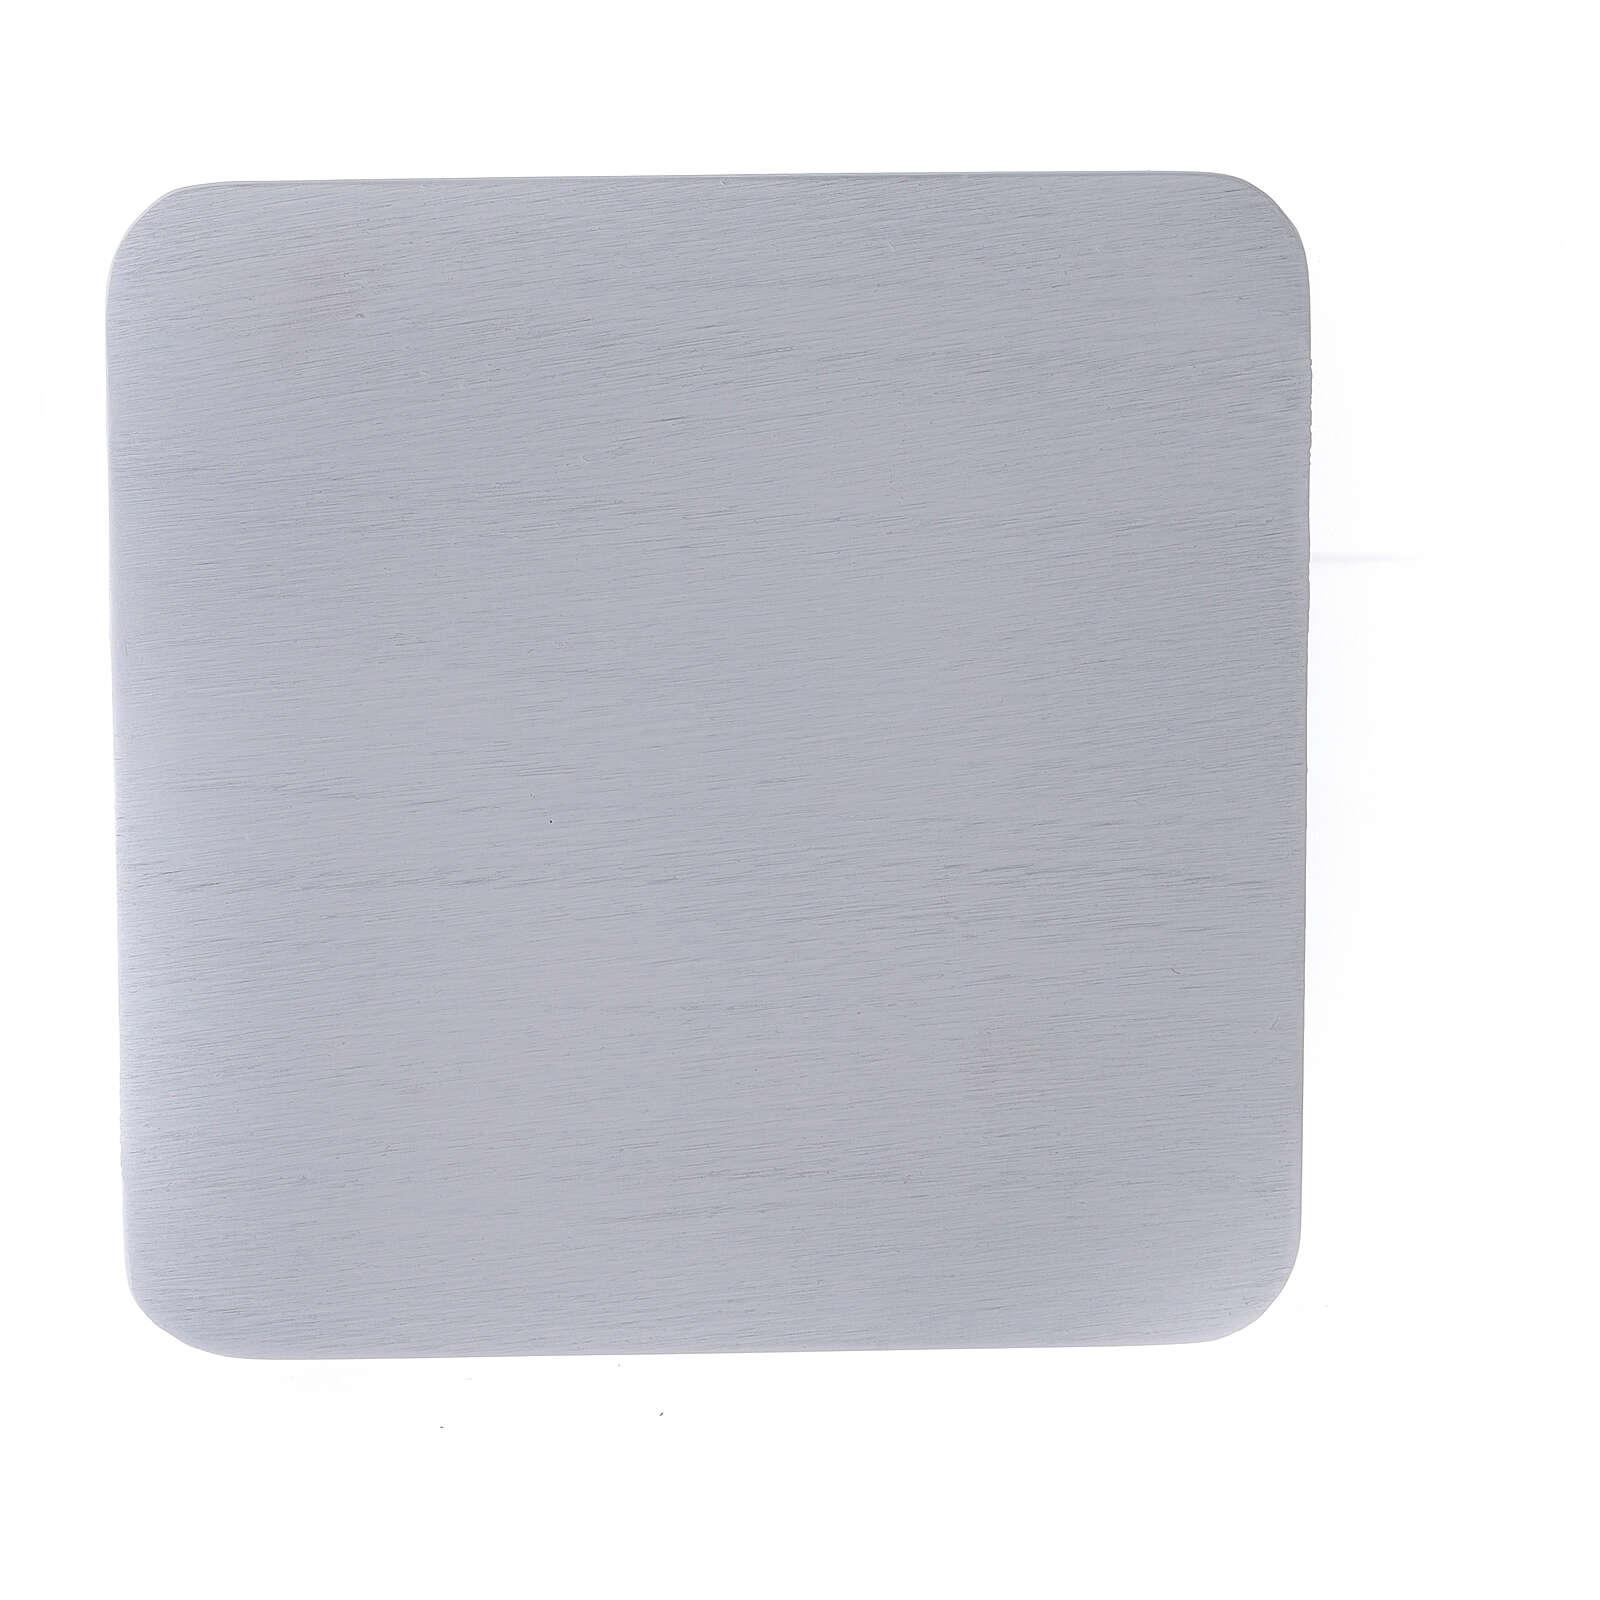 Plato portavela aluminio blanco cuadrado 14x14 cm 3